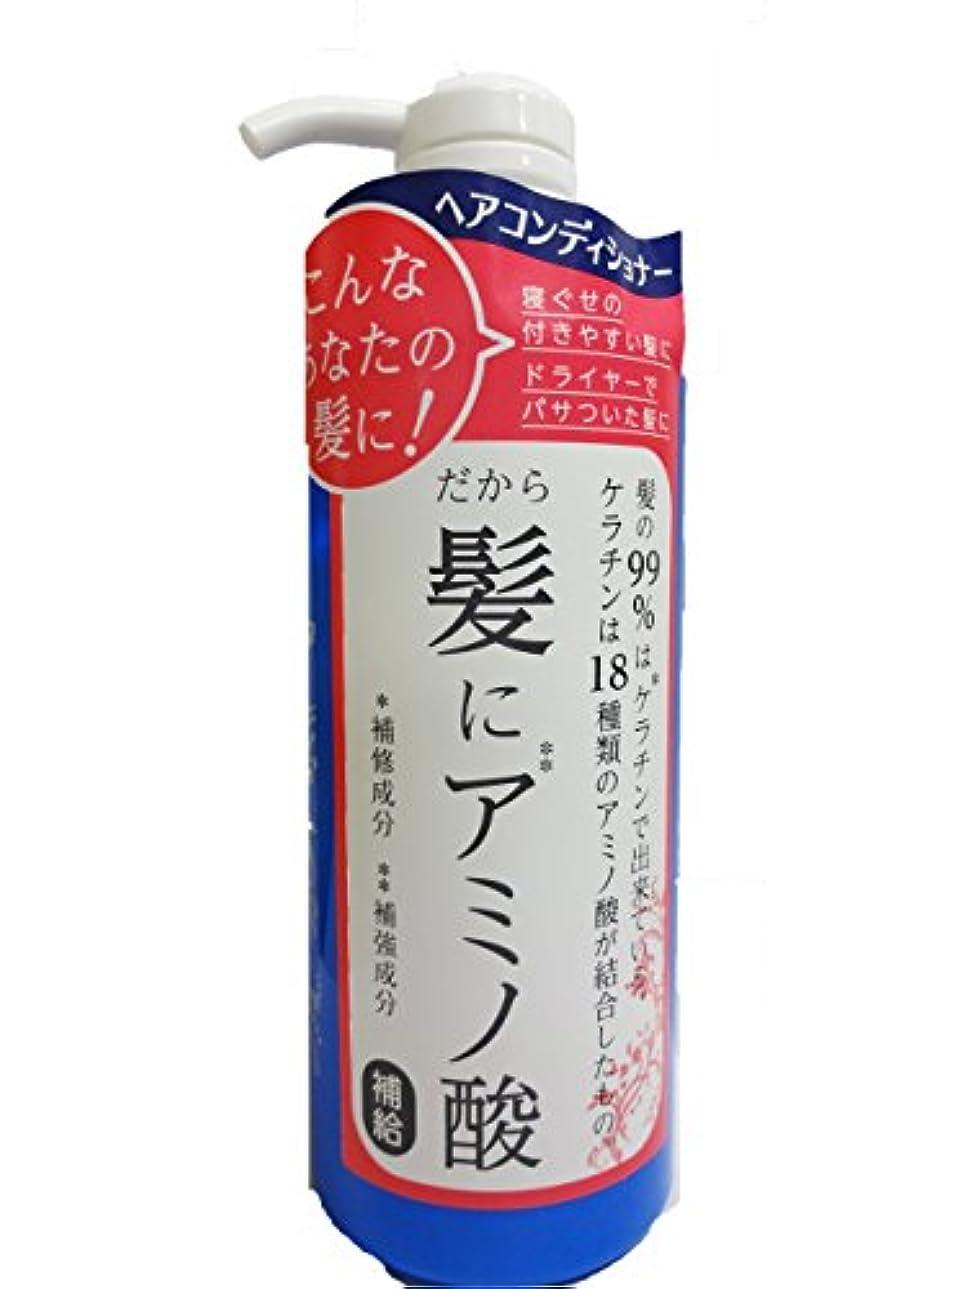 病なルール順応性ビピット アミノ酸コンディショナー 500ml